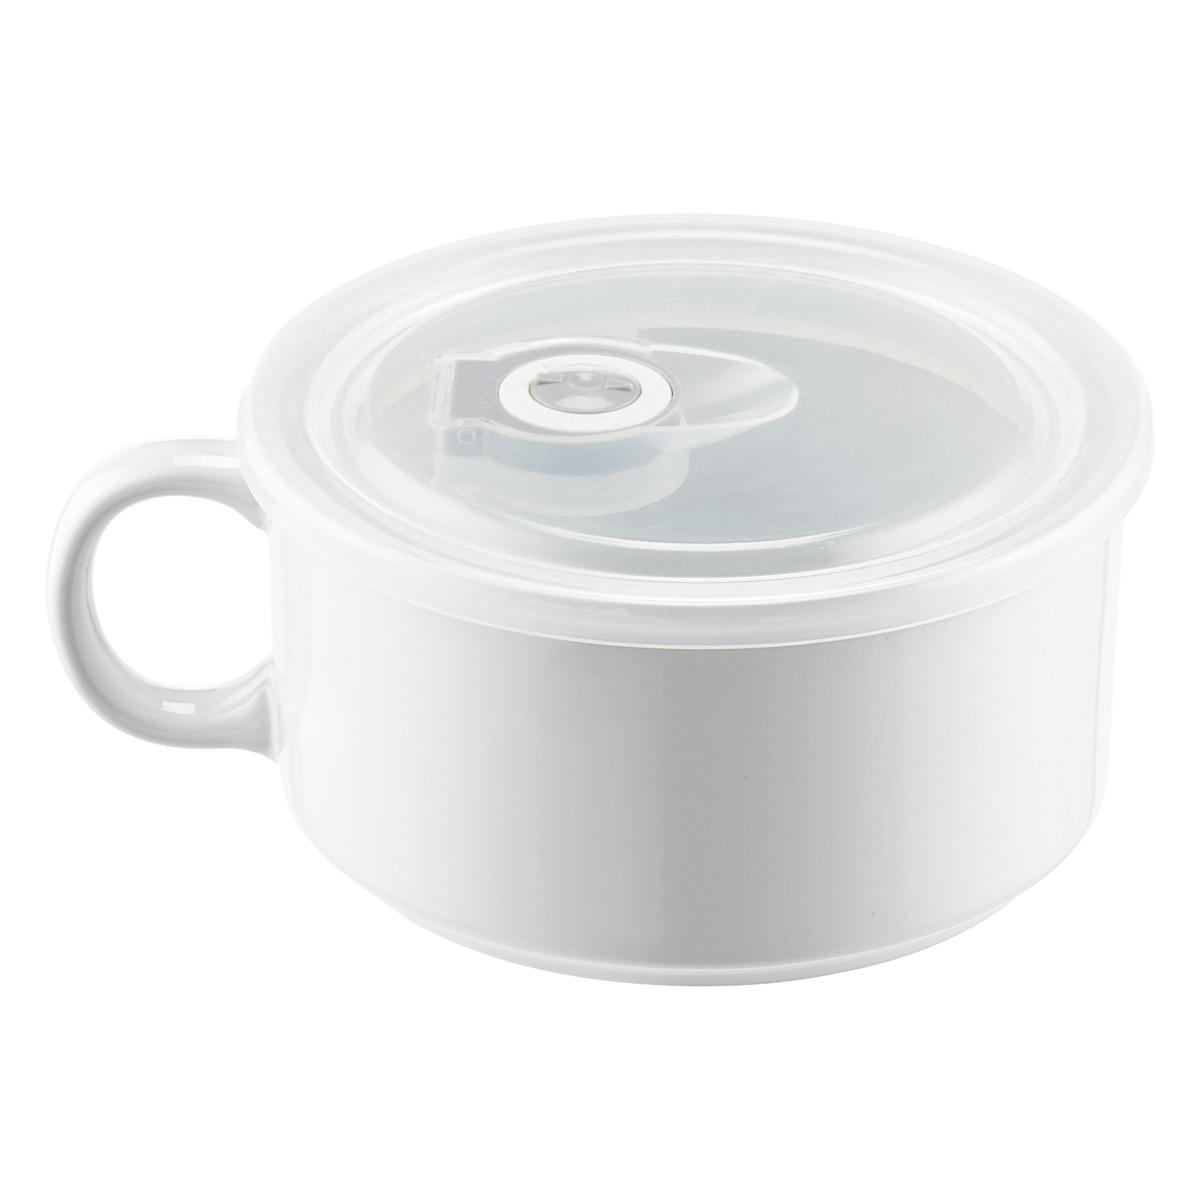 Souper Mug w/ Lid